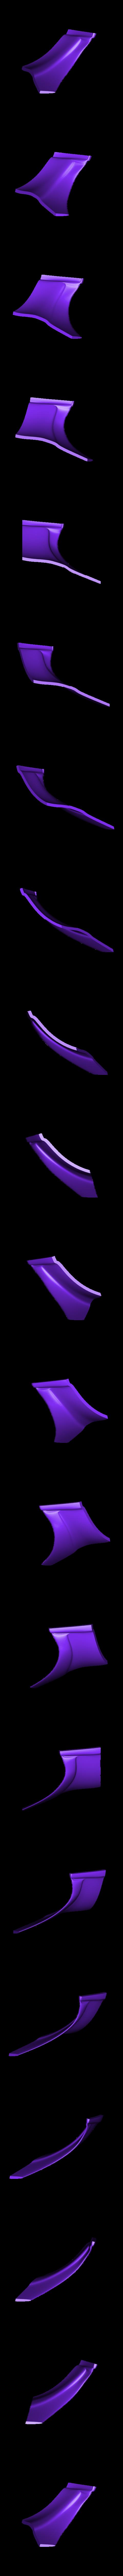 Hex3D_Vader_Dome_Part4.stl Descargar archivo STL Darth Vader - Casco de Revelación 3D para Imprimir • Diseño para imprimir en 3D, Geoffro